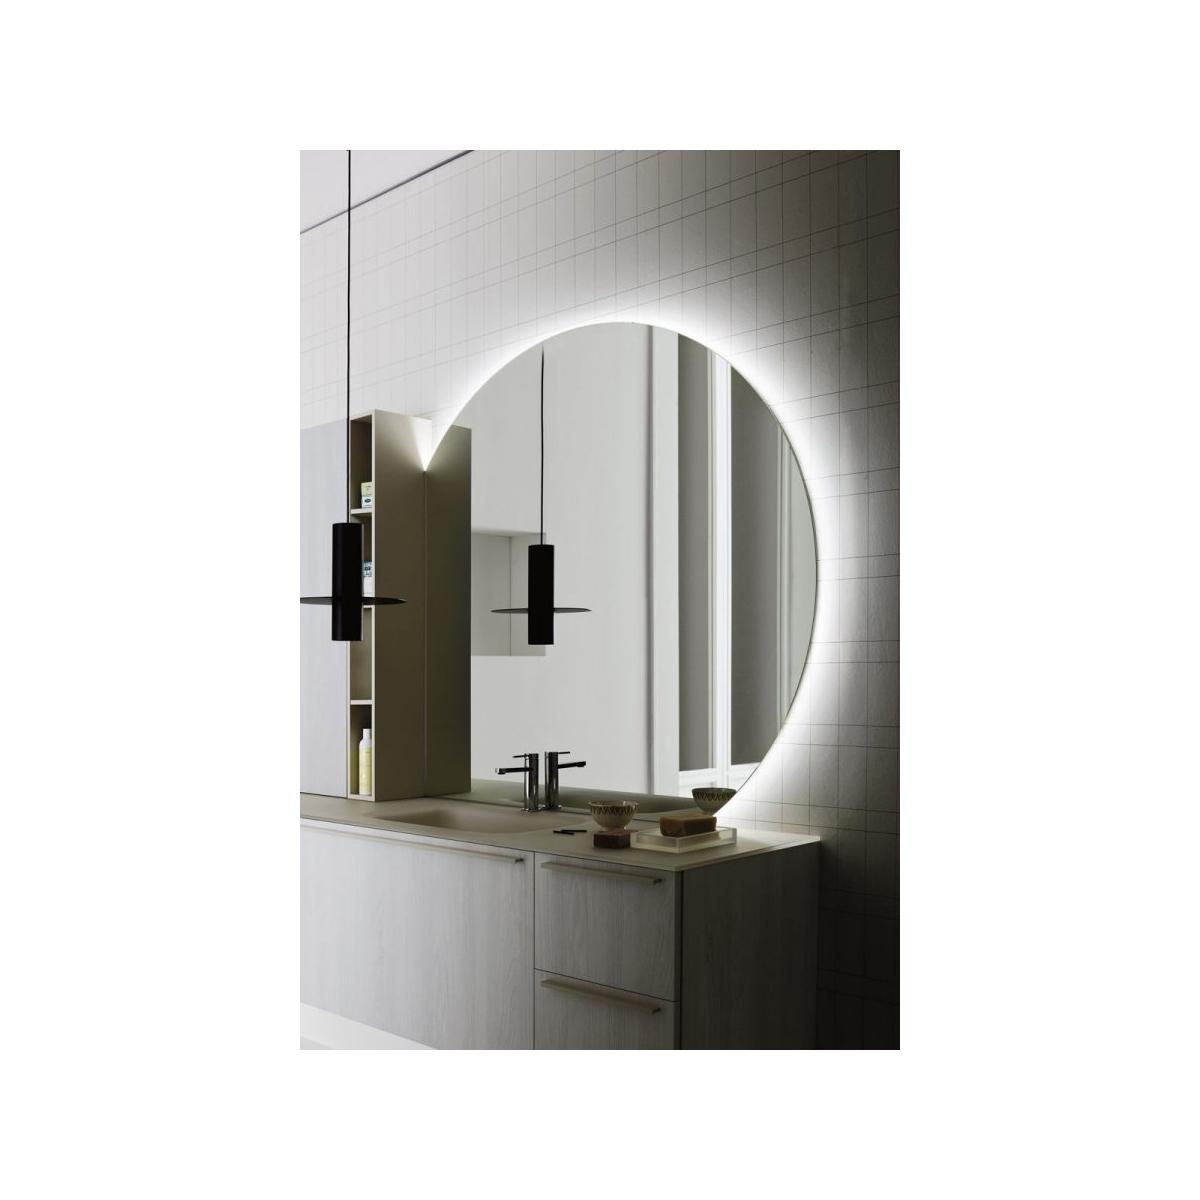 Lavabo A Colonna Design arbi arredobagno composizione bagno sospesa elegante con